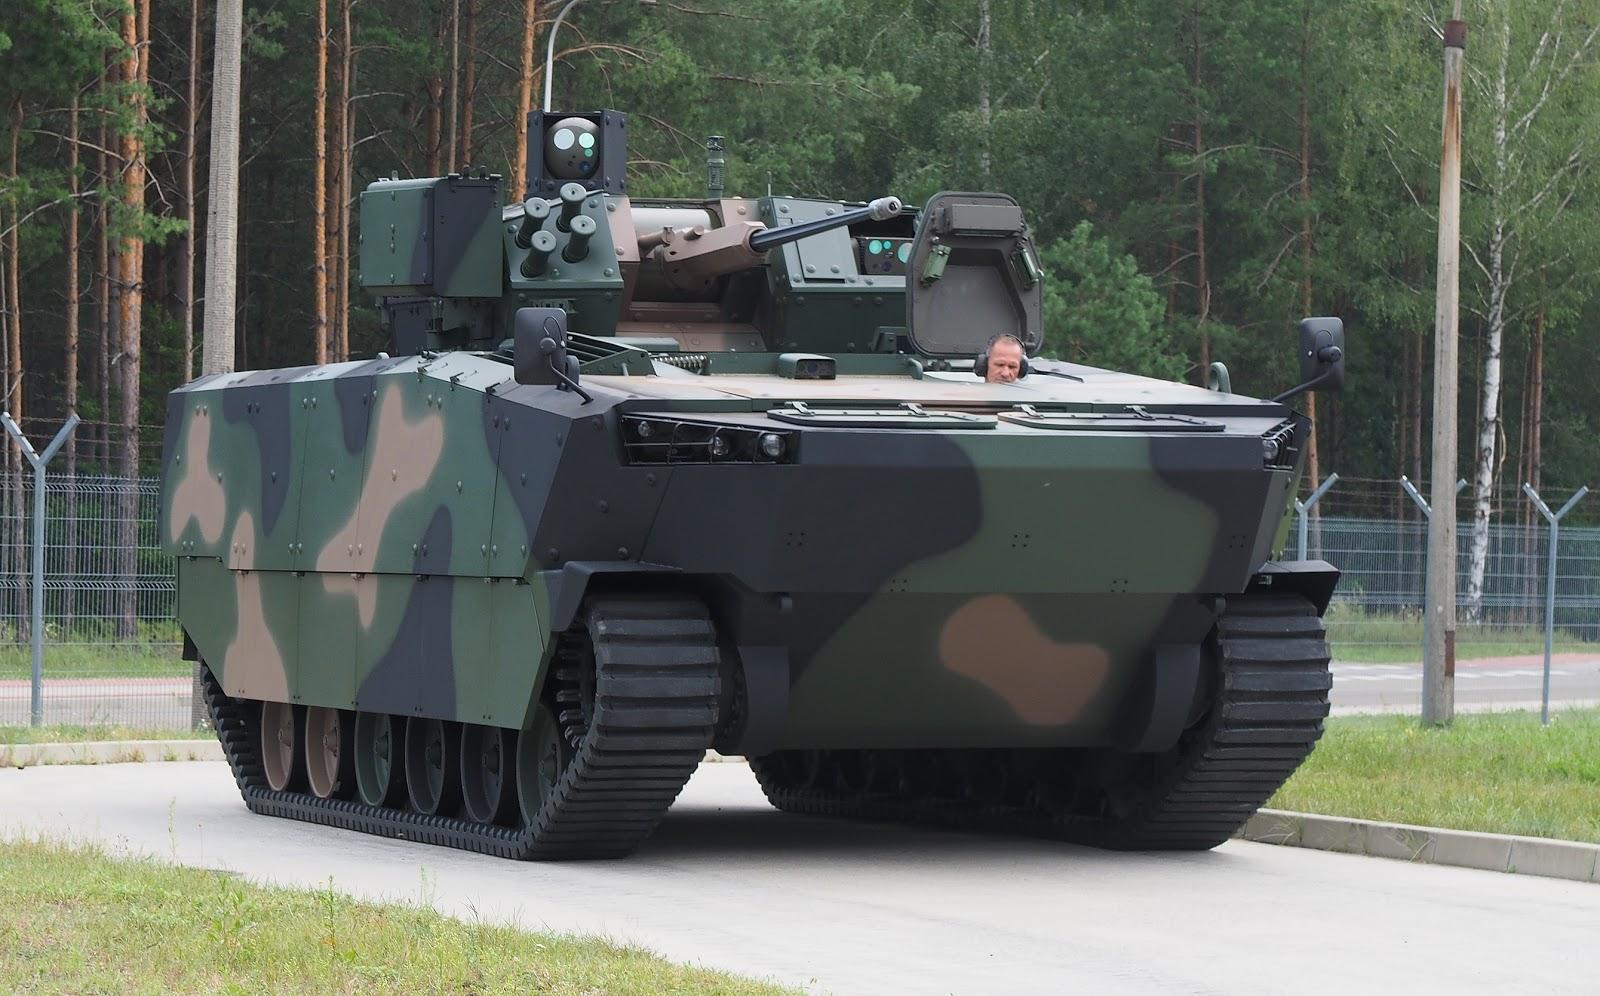 Оклопни борбени возила  - Гасеничари - Page 12 C09f1f418431386ea7e95644765938240a267ad38244b4111b54bd5b472b4d3d